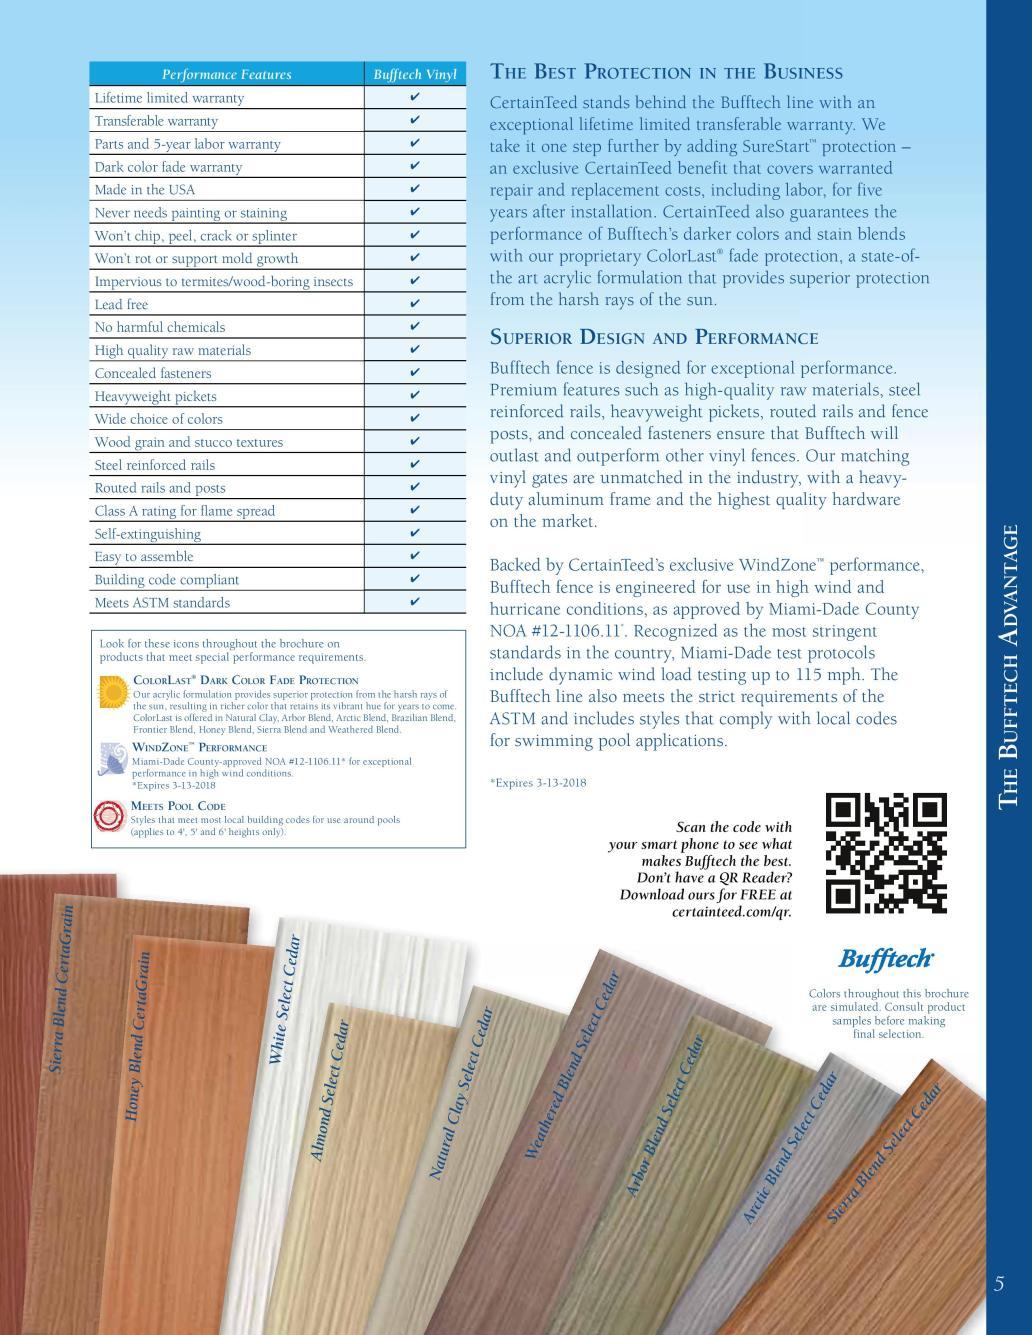 FRD_40-40-70610_Fulline-page-005